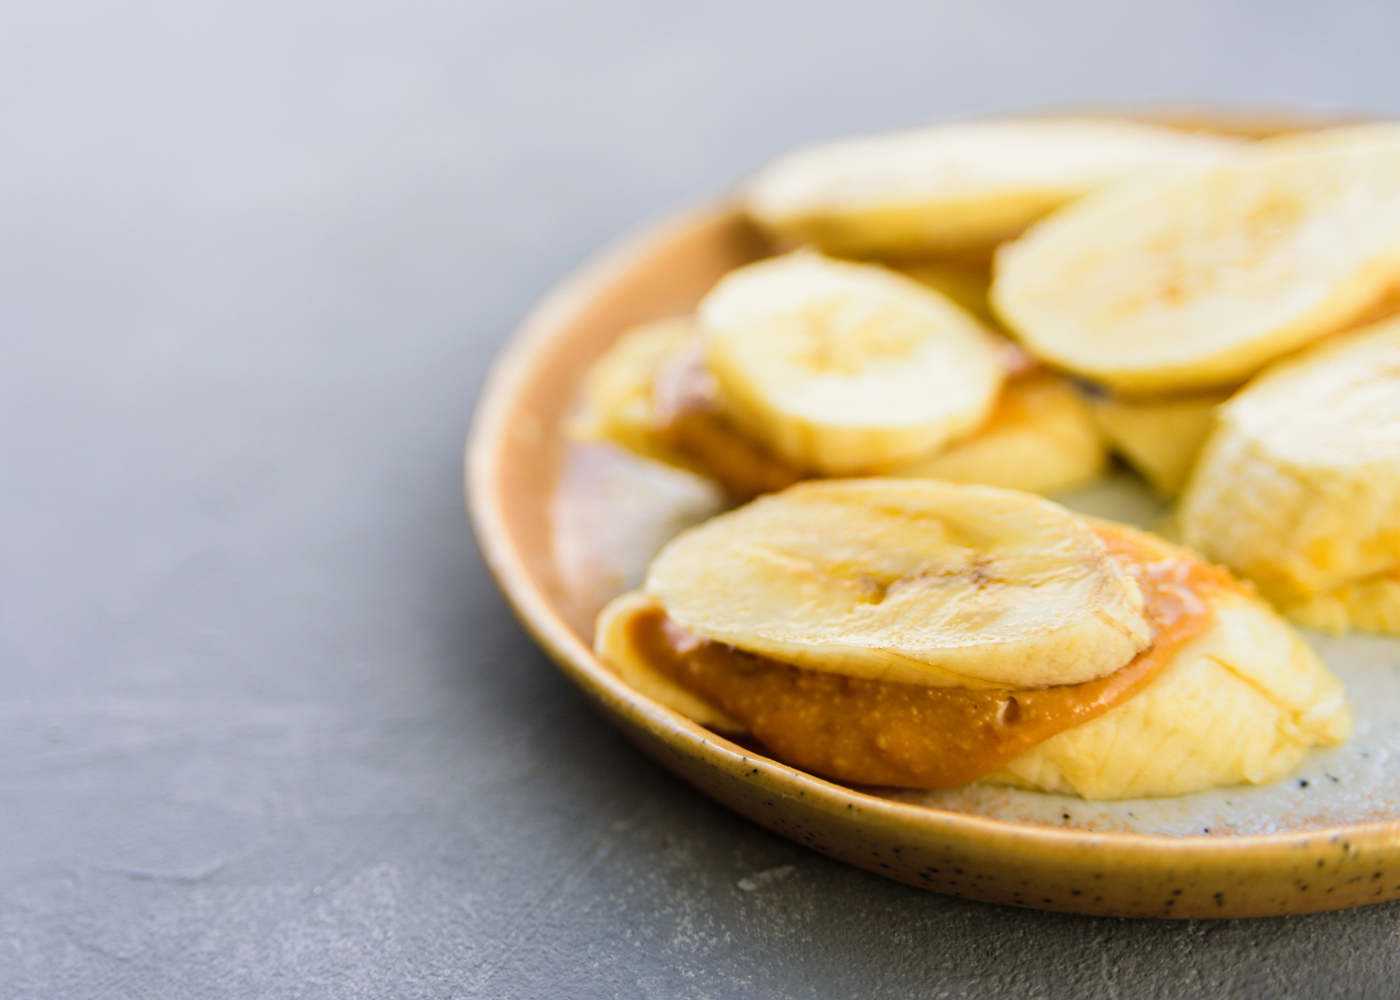 rodelas de banana com manteiga de amendoim